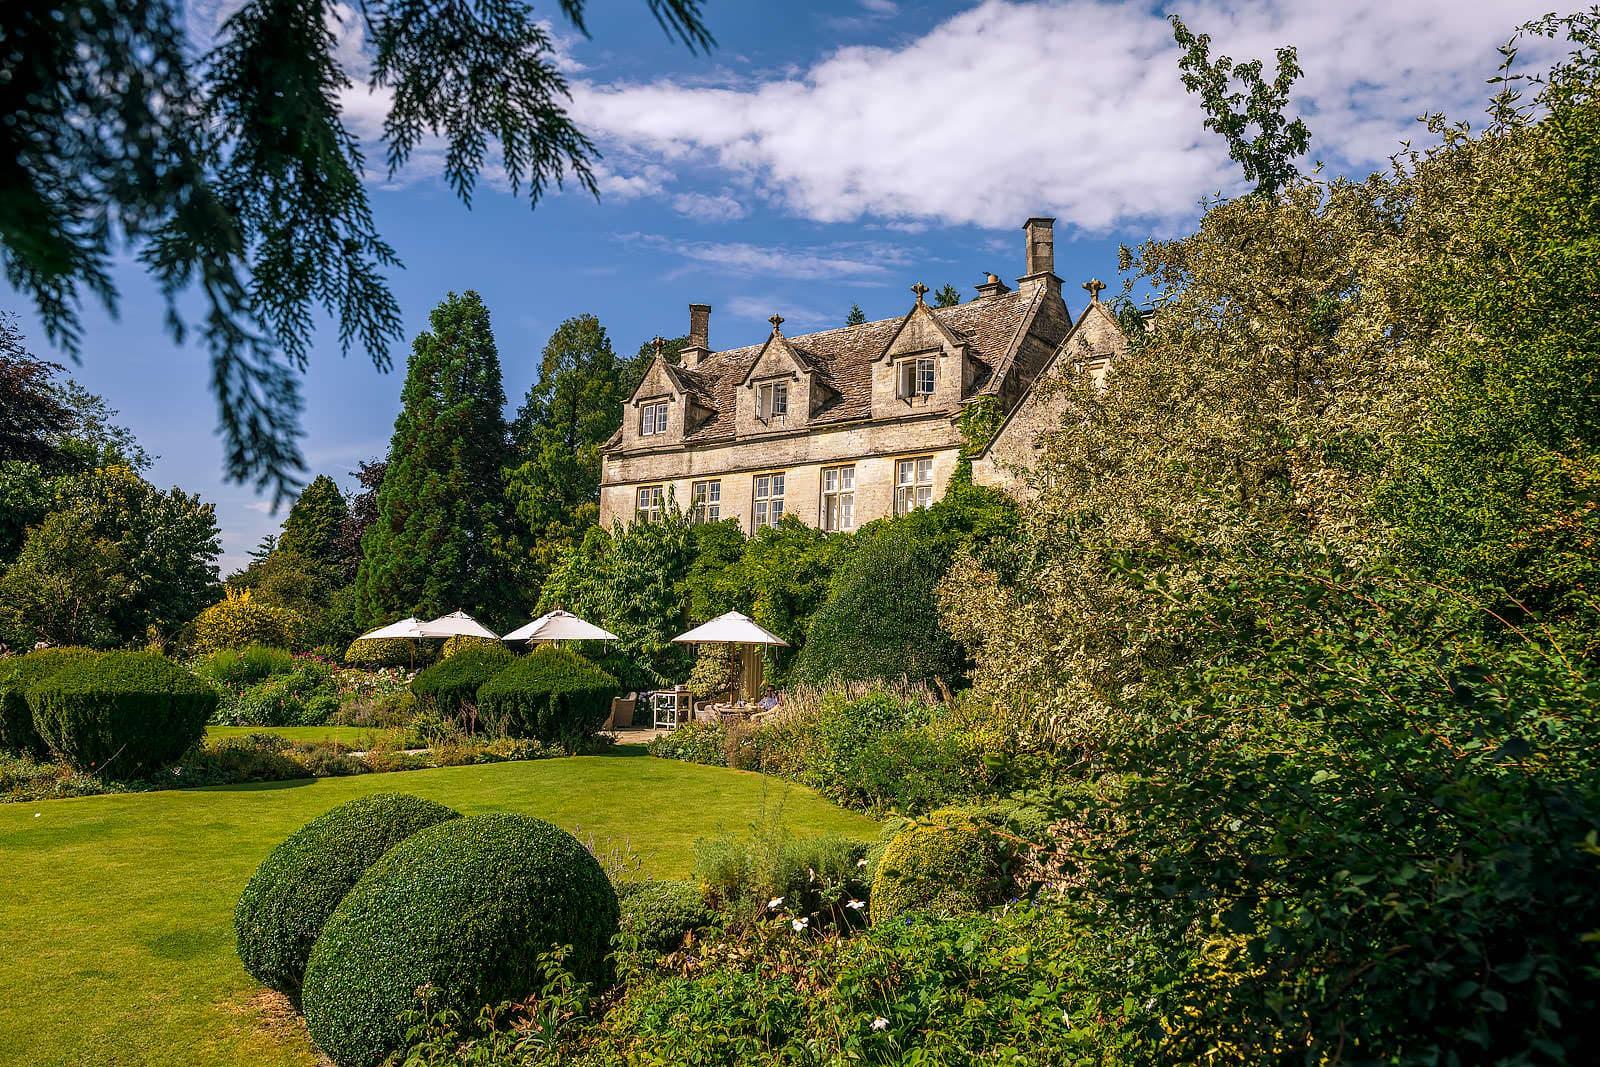 Barnsley House Cotswolds wedding venue